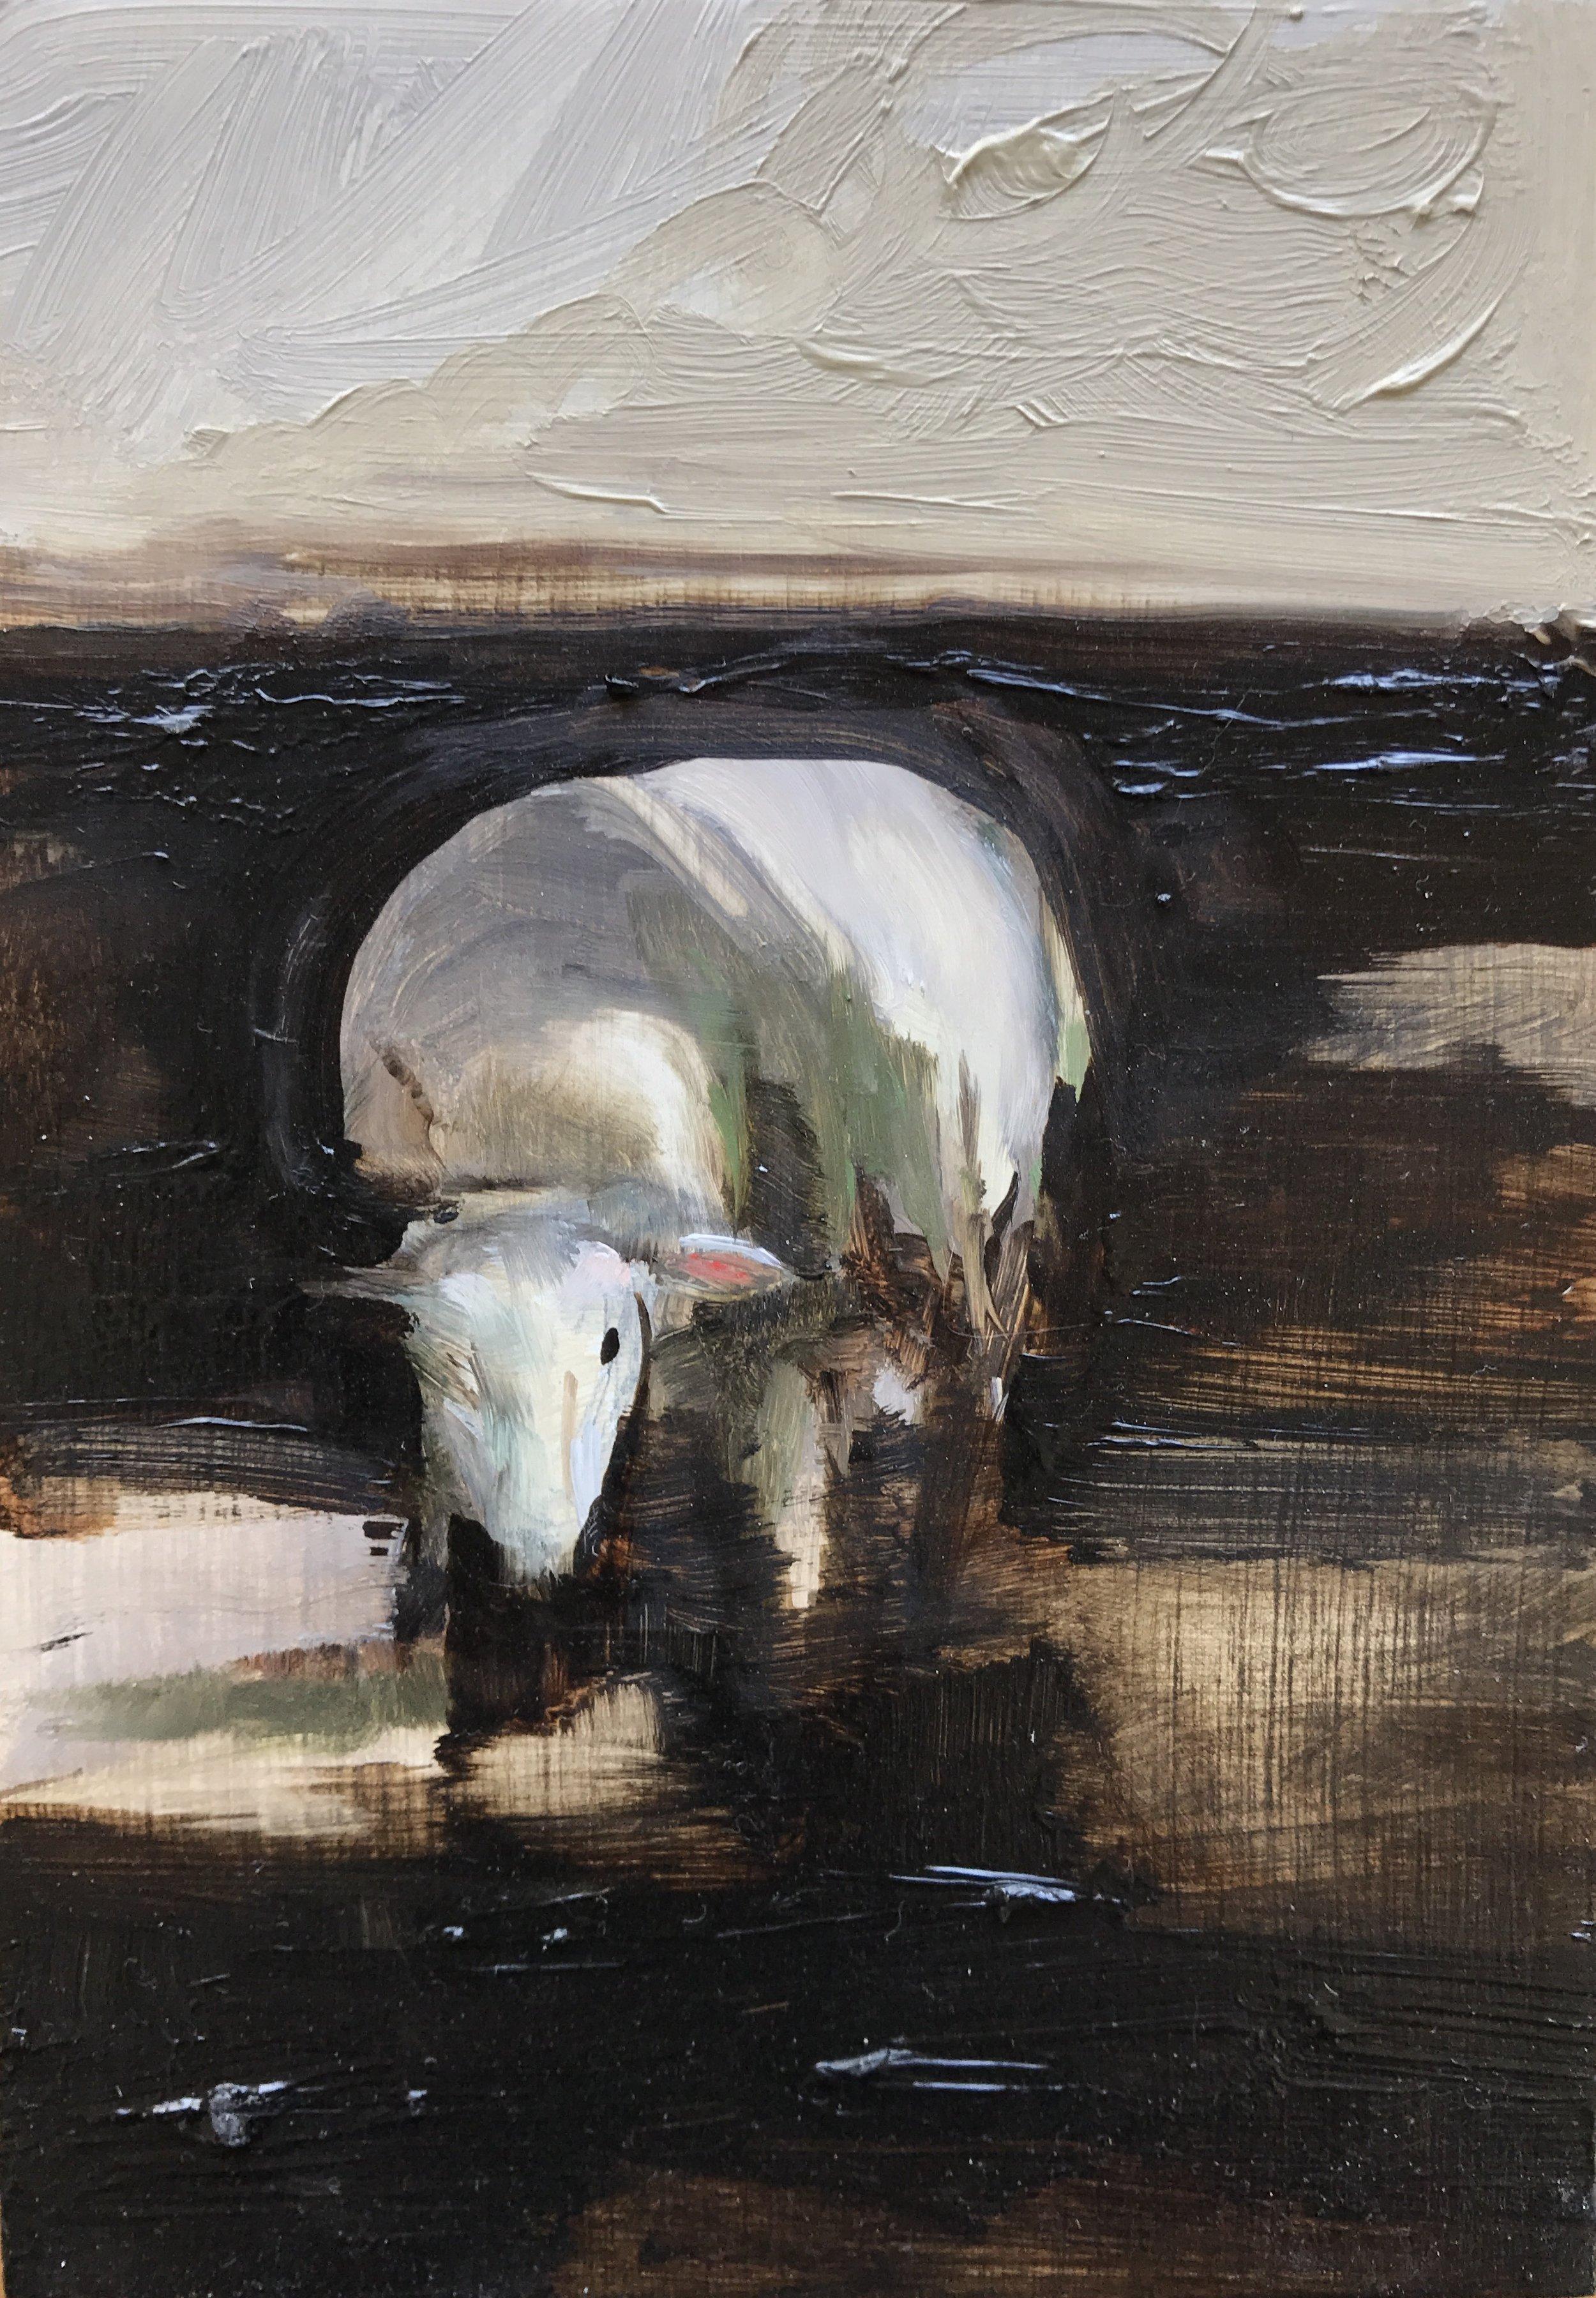 Sheep Up close